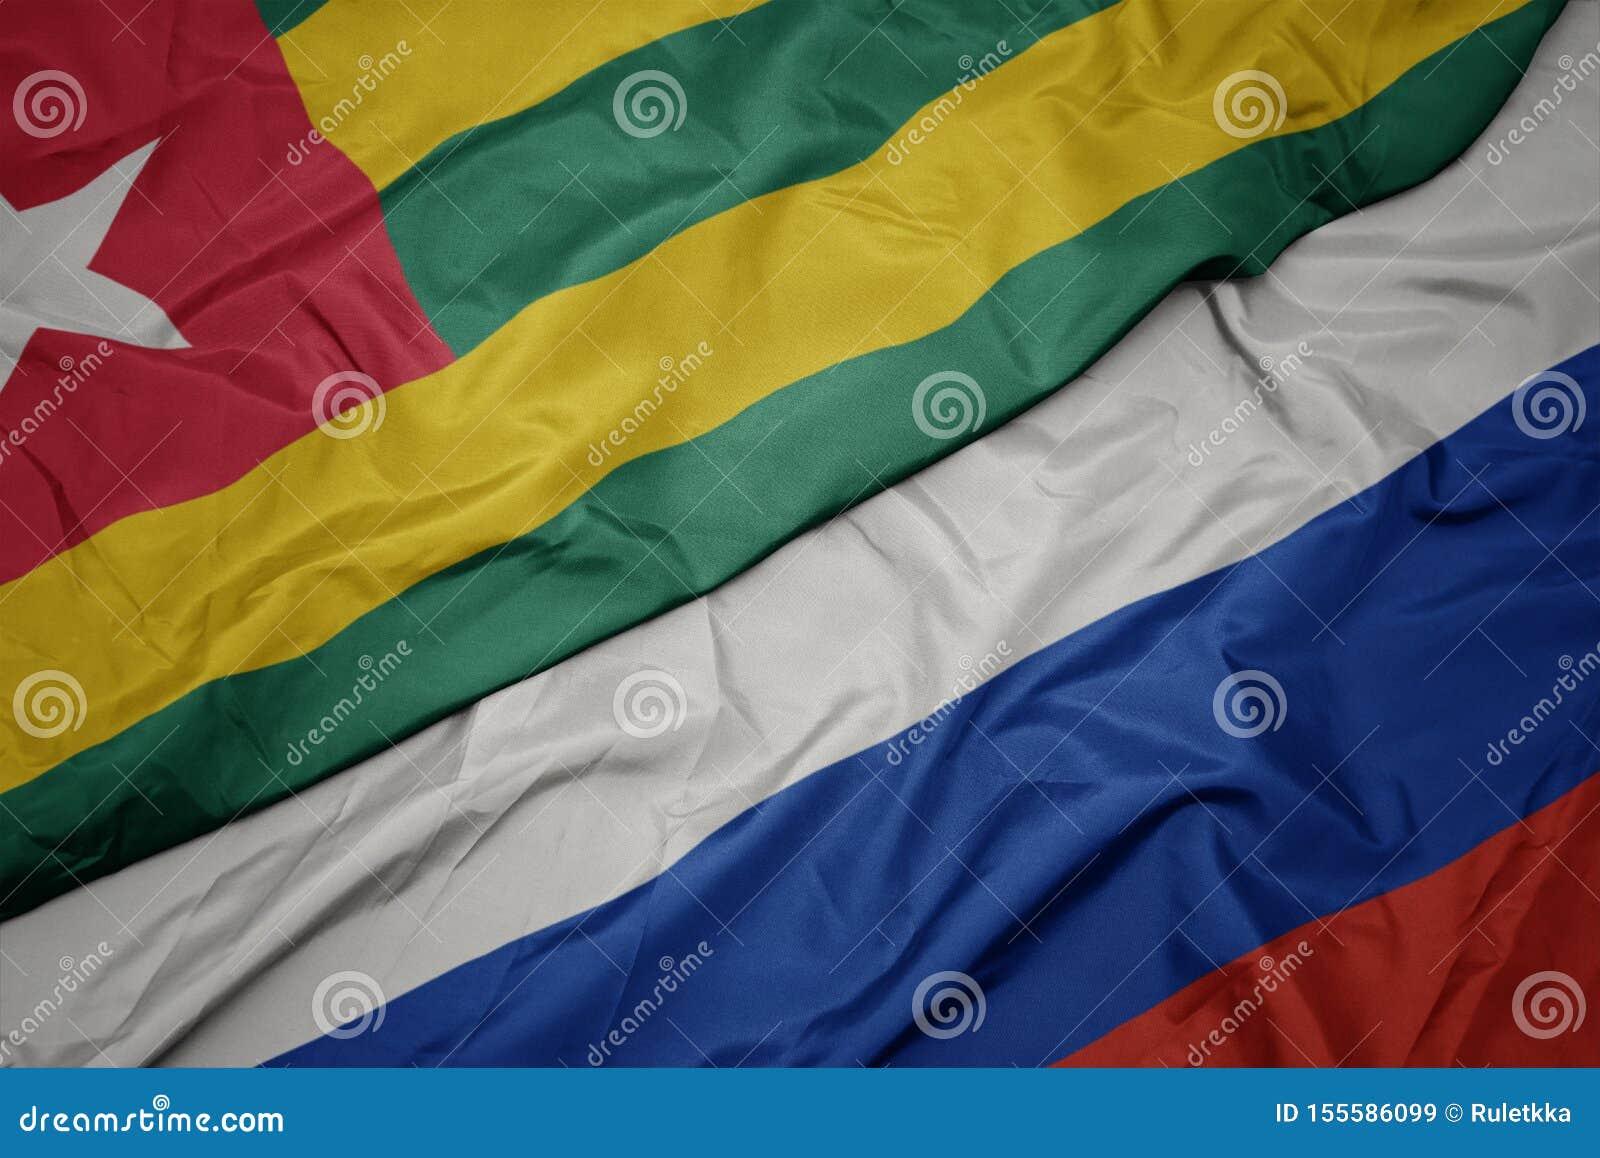 Machać kolorową flagę Russia i flagę państowową Togo